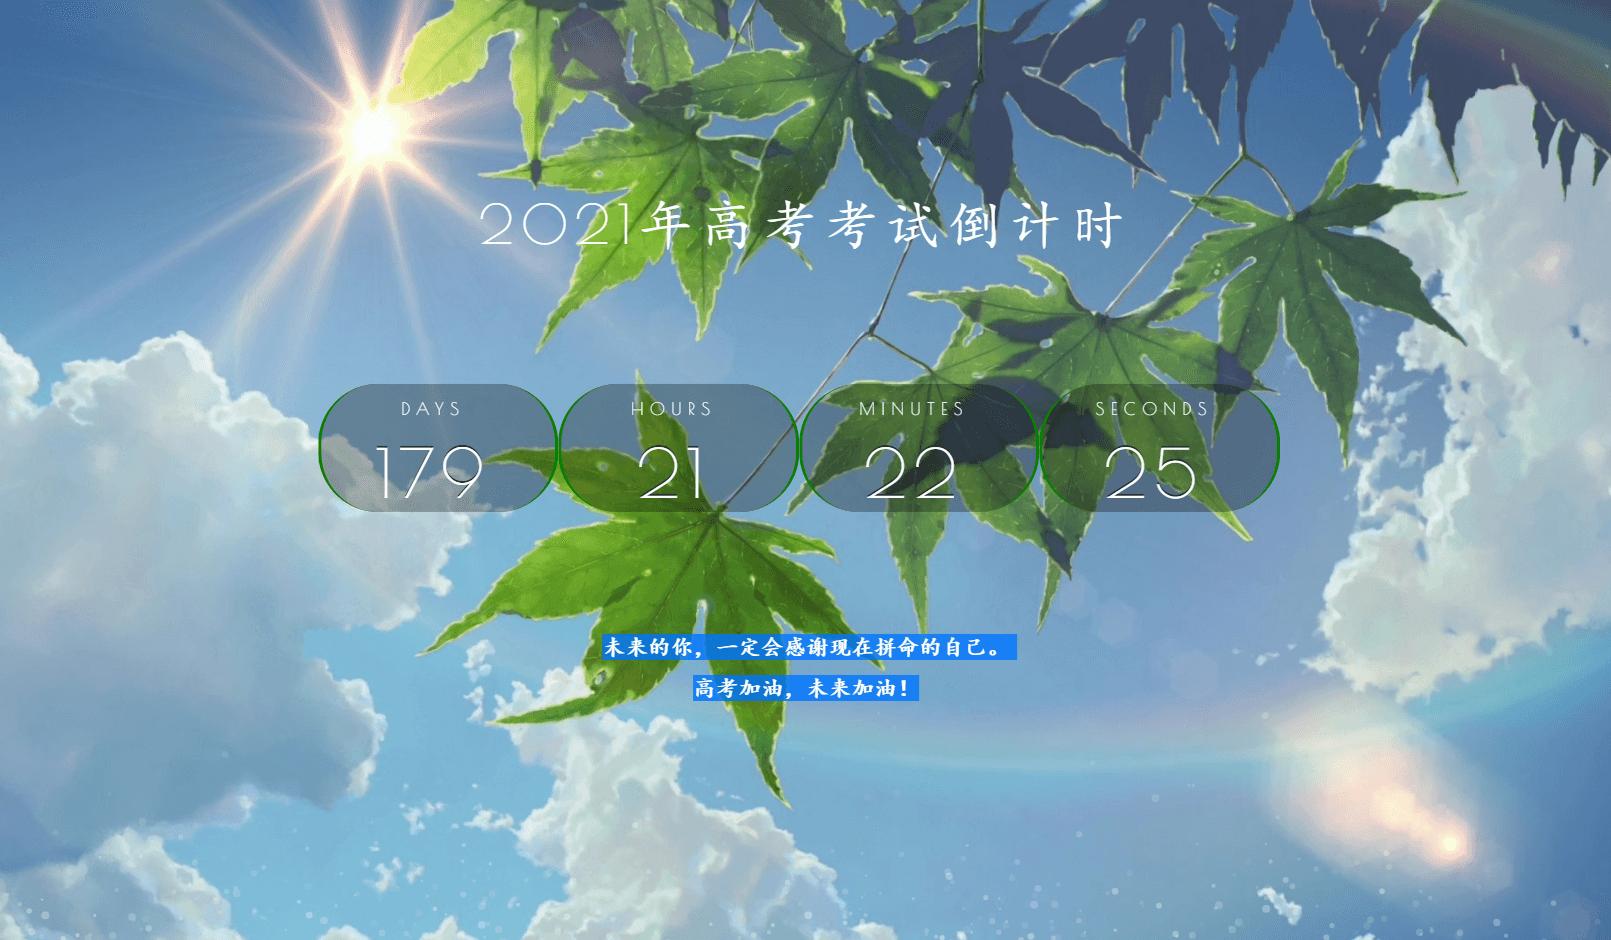 2021年好看高考倒计时源码-热河云